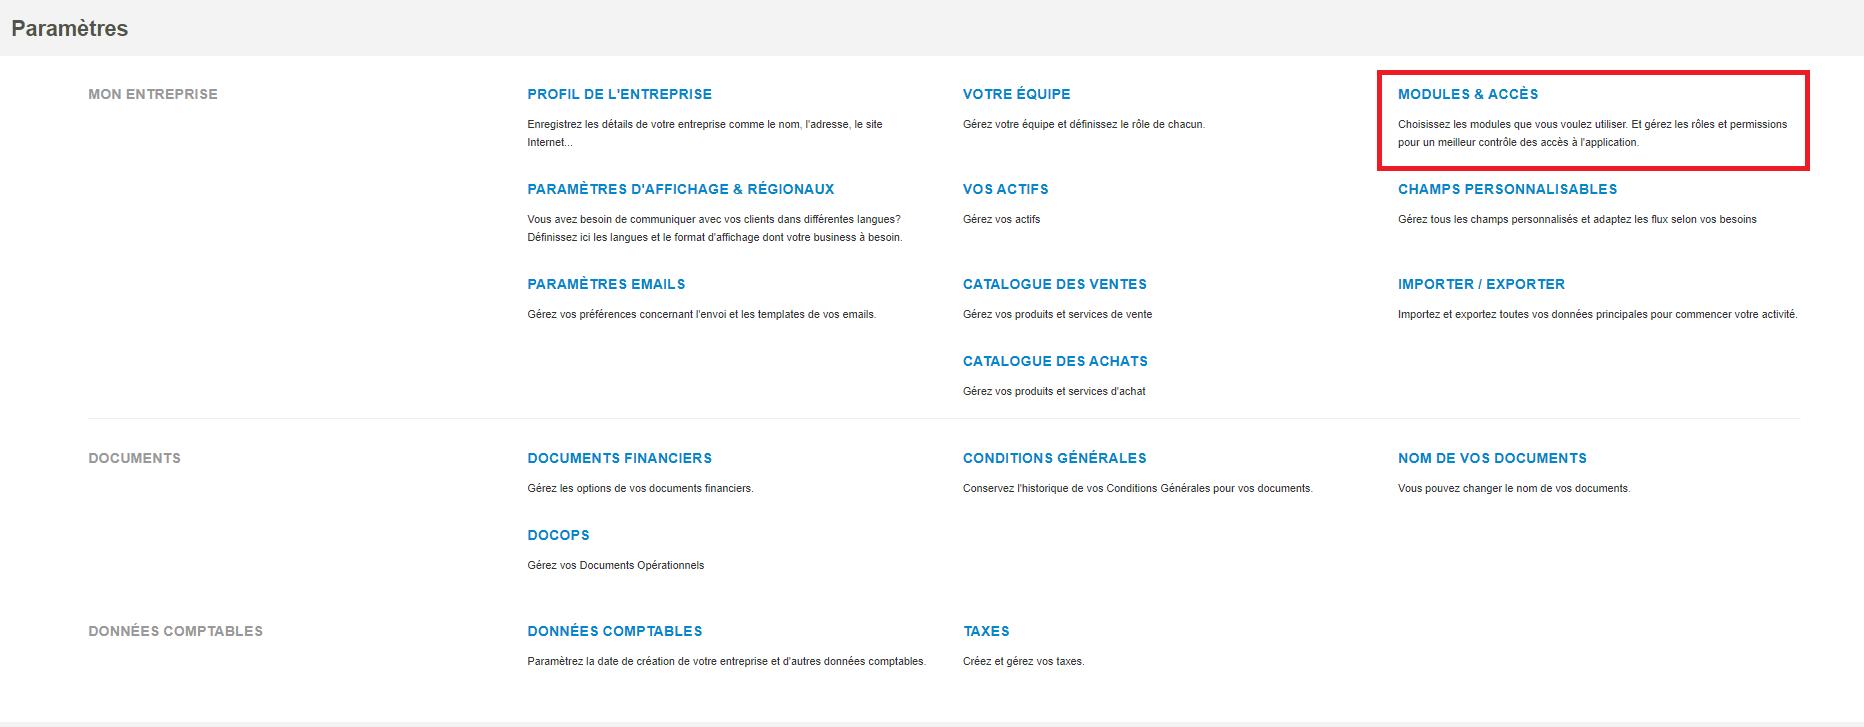 Smoall- Paramètres- Modules et accès